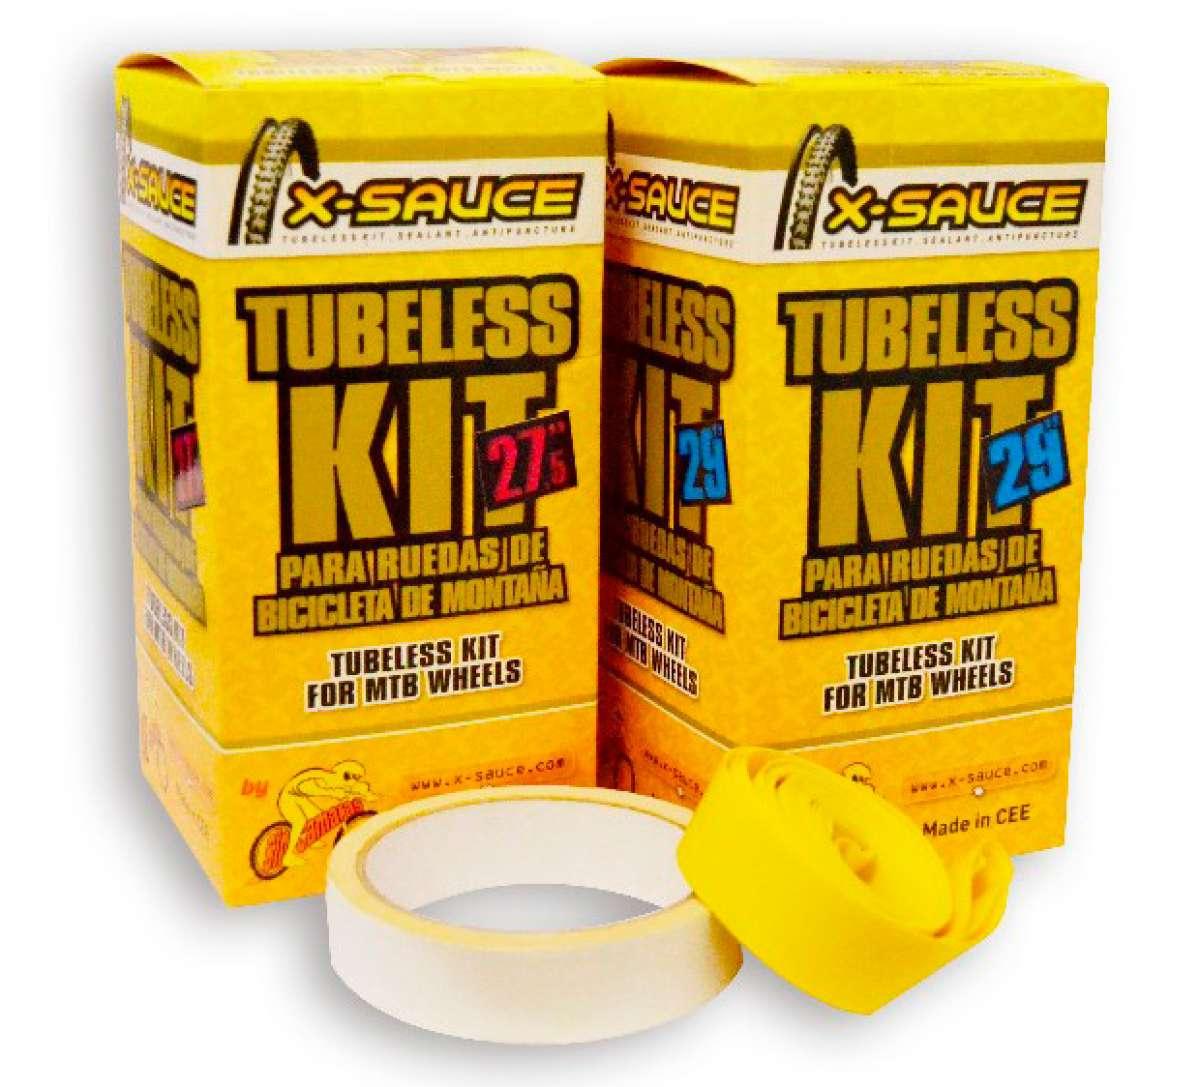 Dos anchos nuevos para los kits Tubeless de X-Sauce